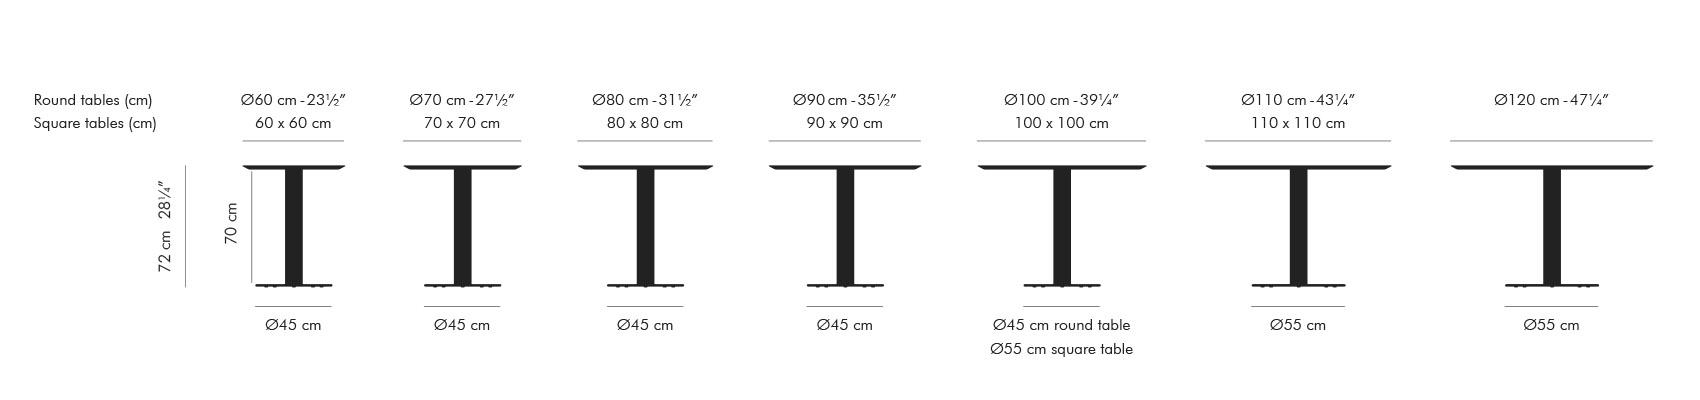 stua-dimensions-zero